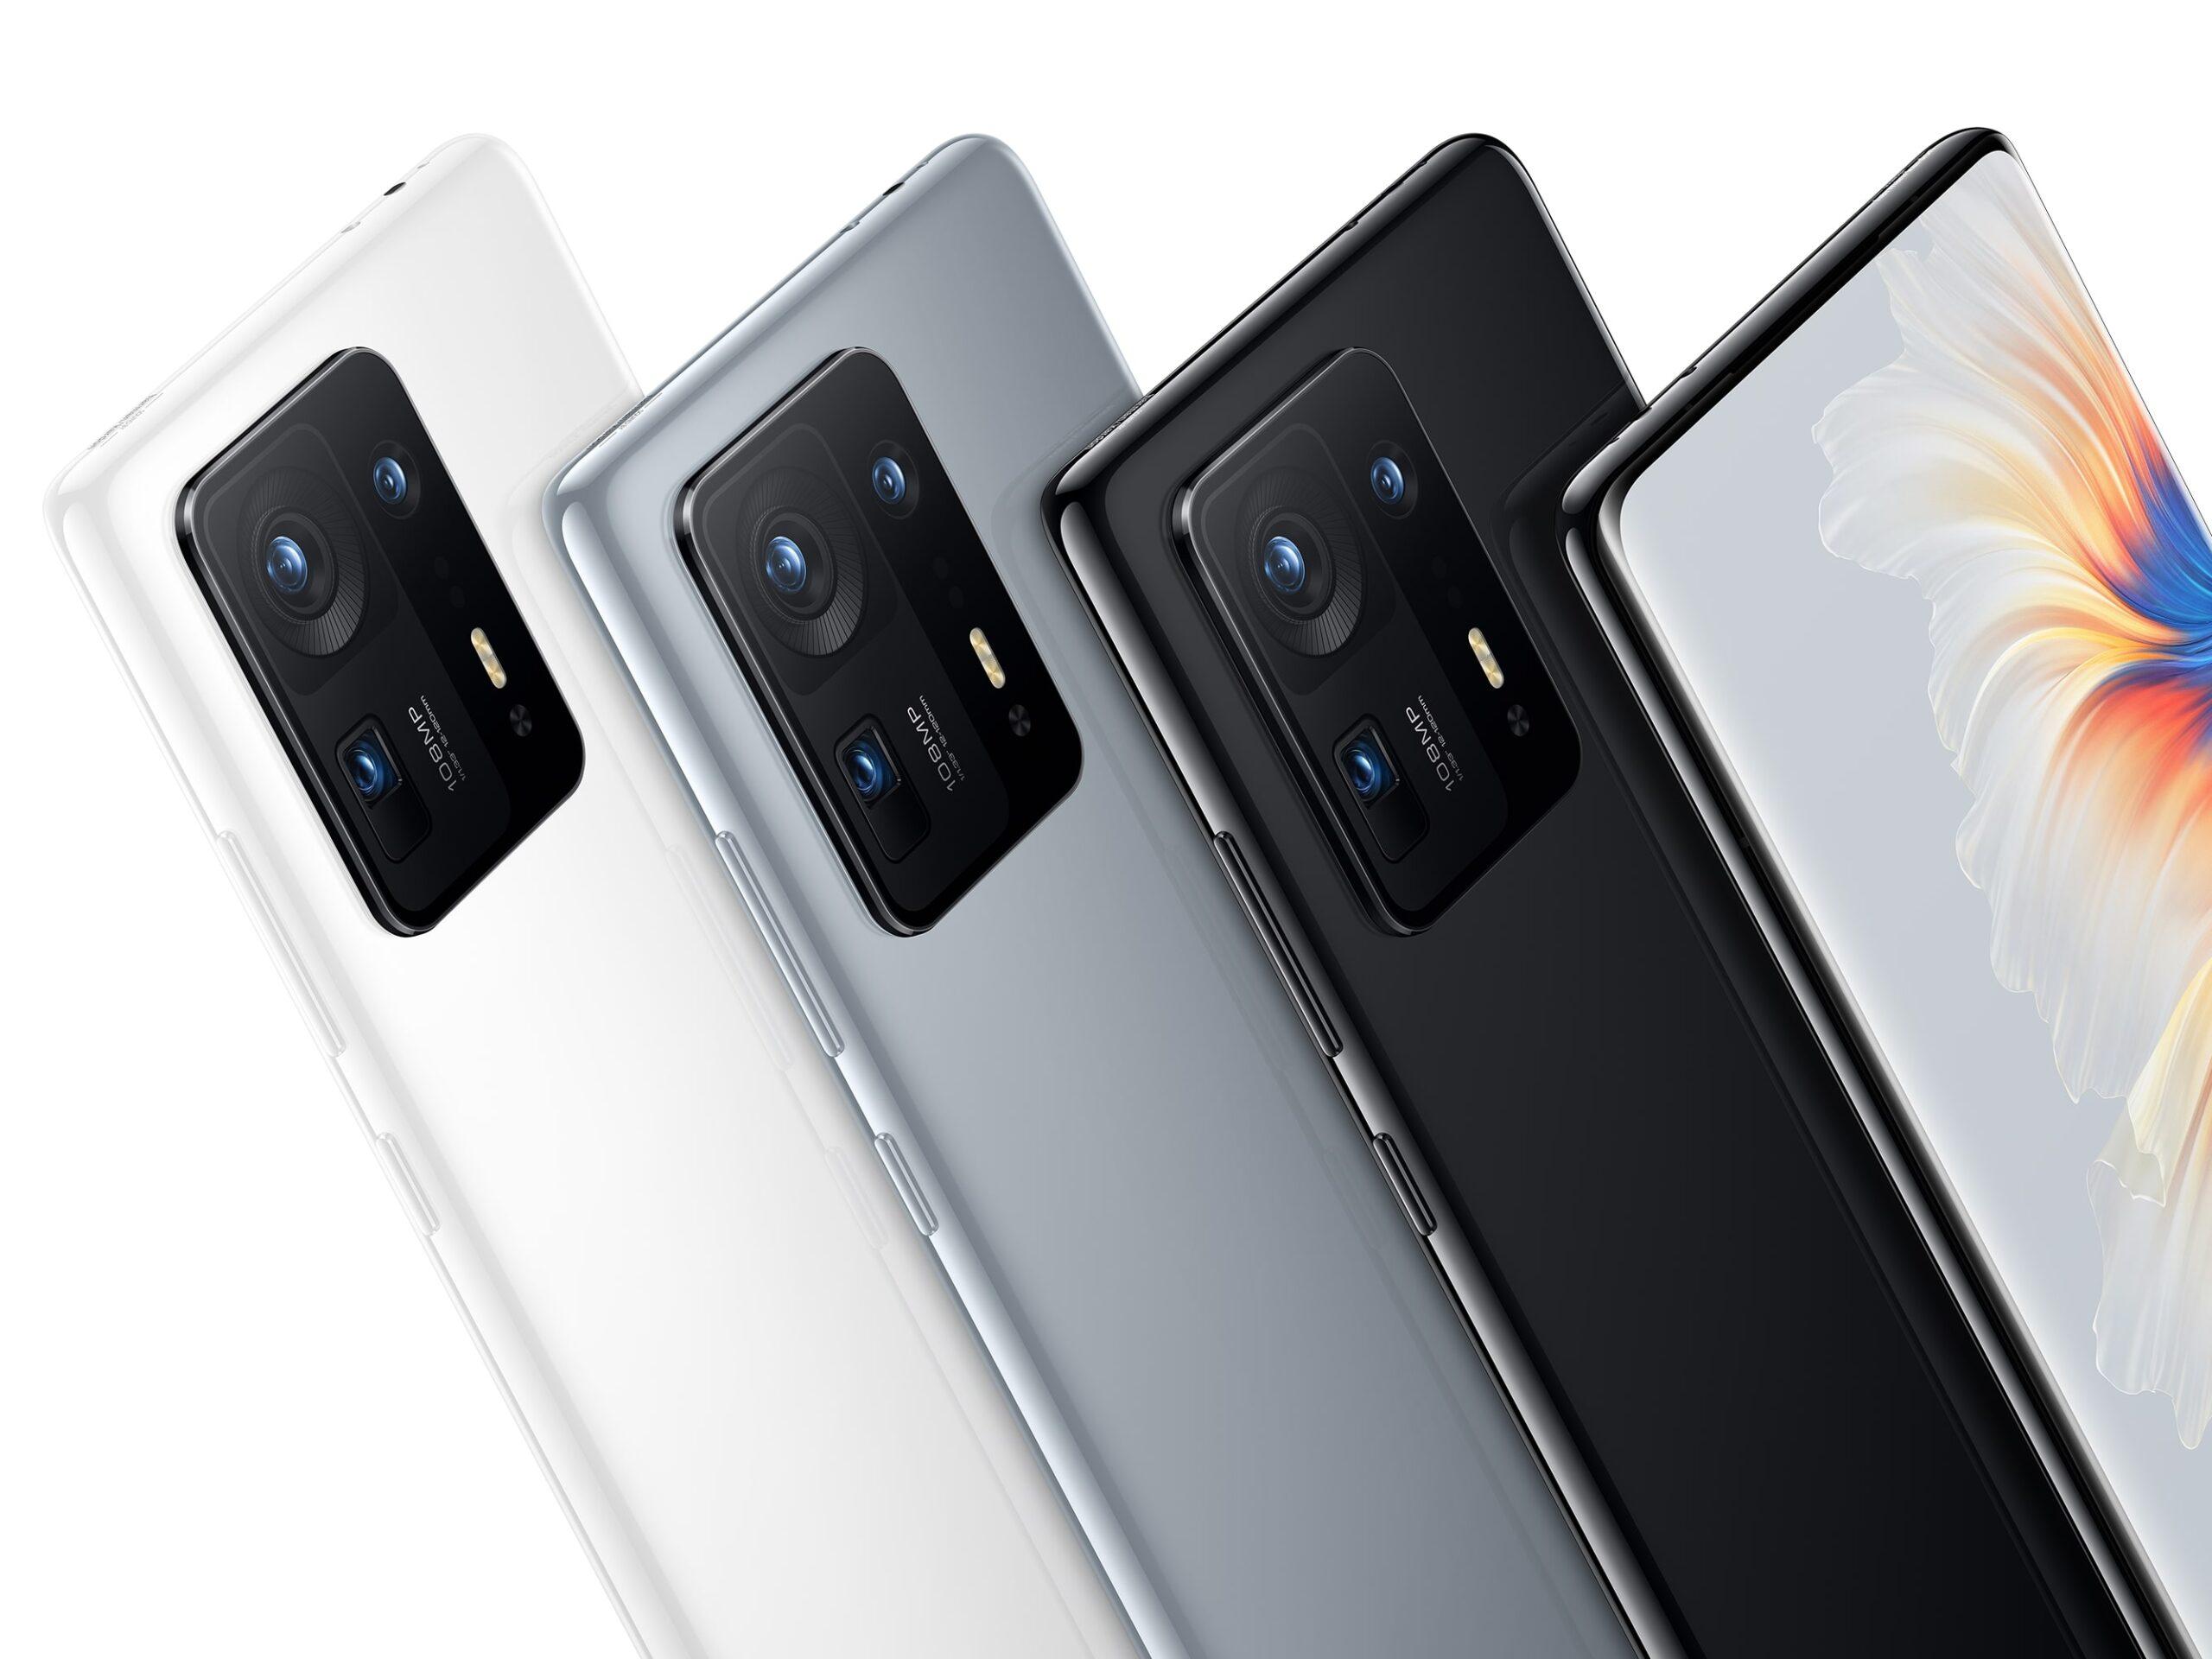 Xiaomi работает над решением проблем с датчиком приближения на своих последних телефонах